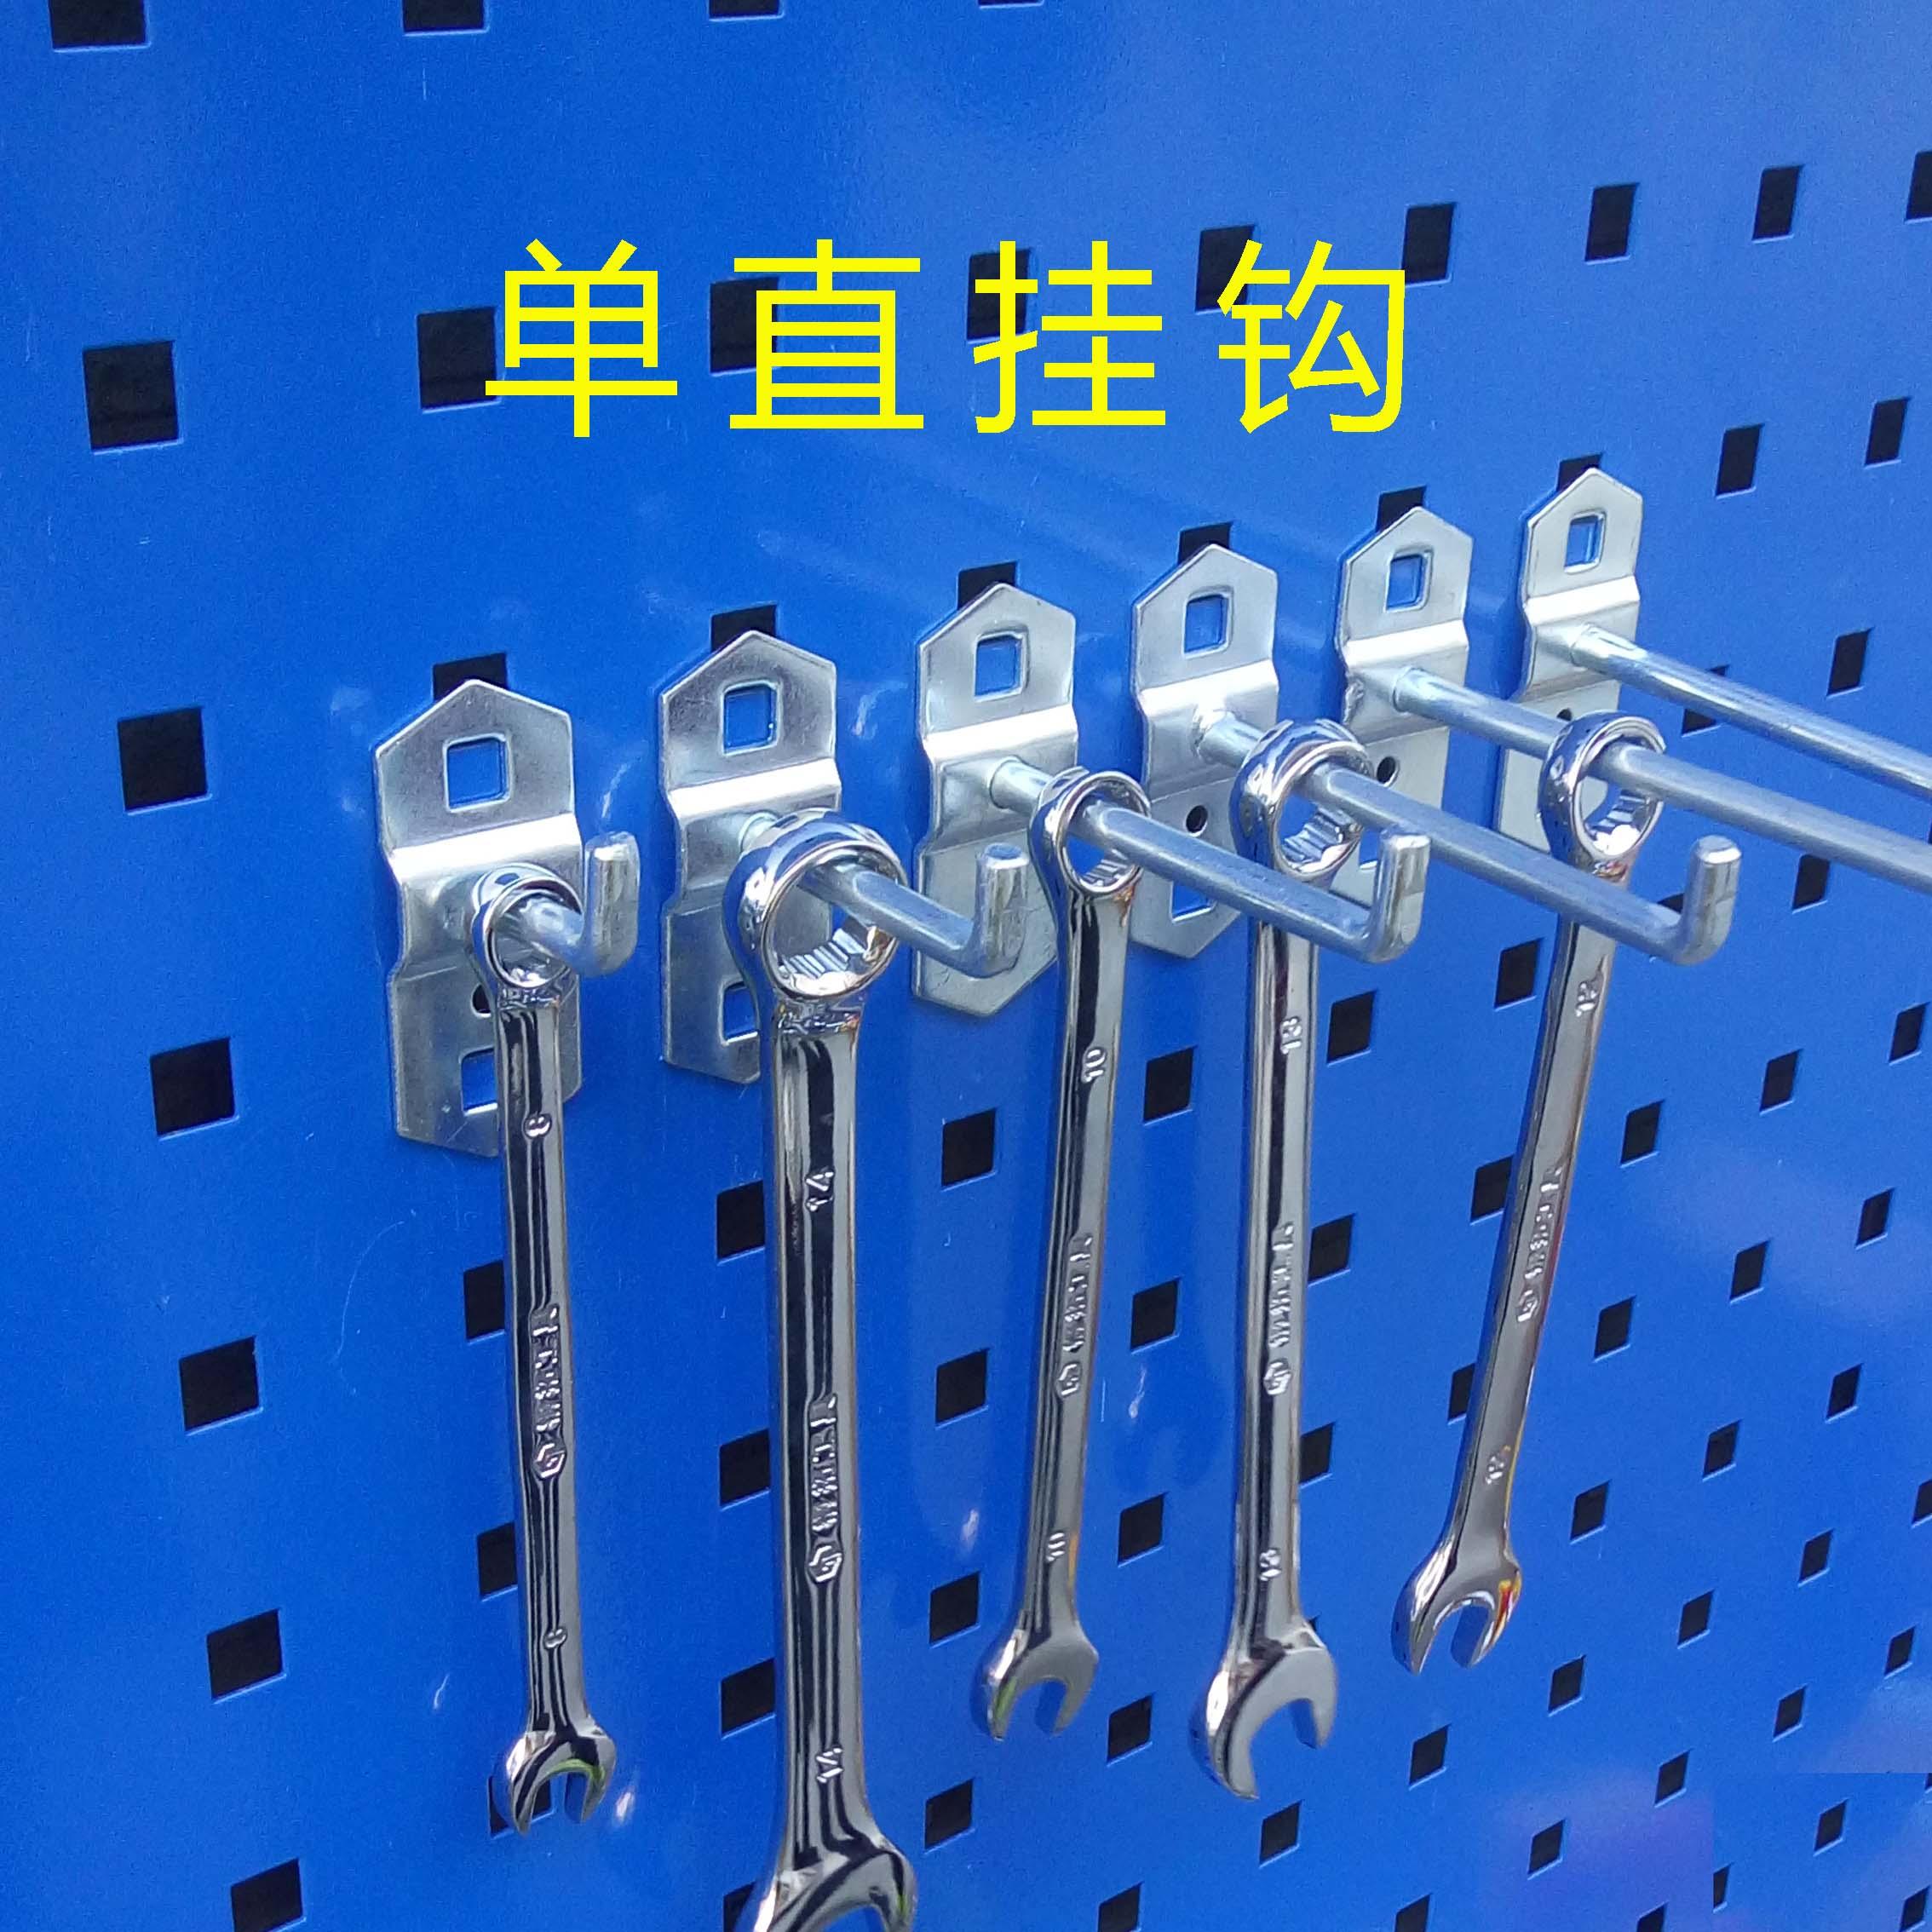 单直挂钩工具挂钩工具挂板五金配件工具架方孔板洞洞板工具挂架